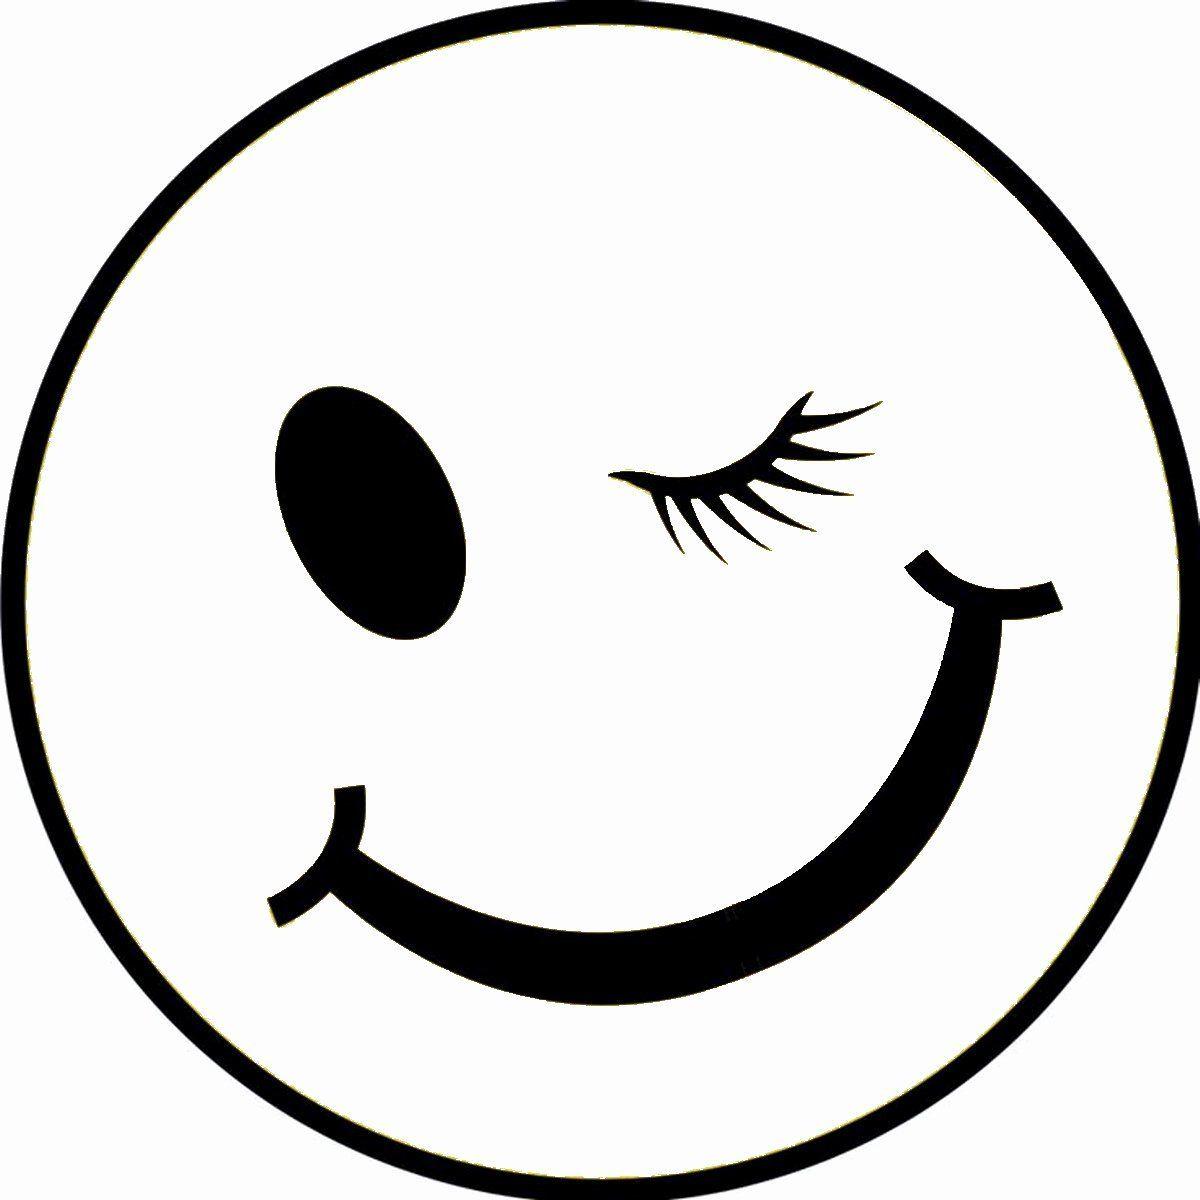 24 Emoji Coloring Pages Printable In 2020 Emoji Drawings Emoji